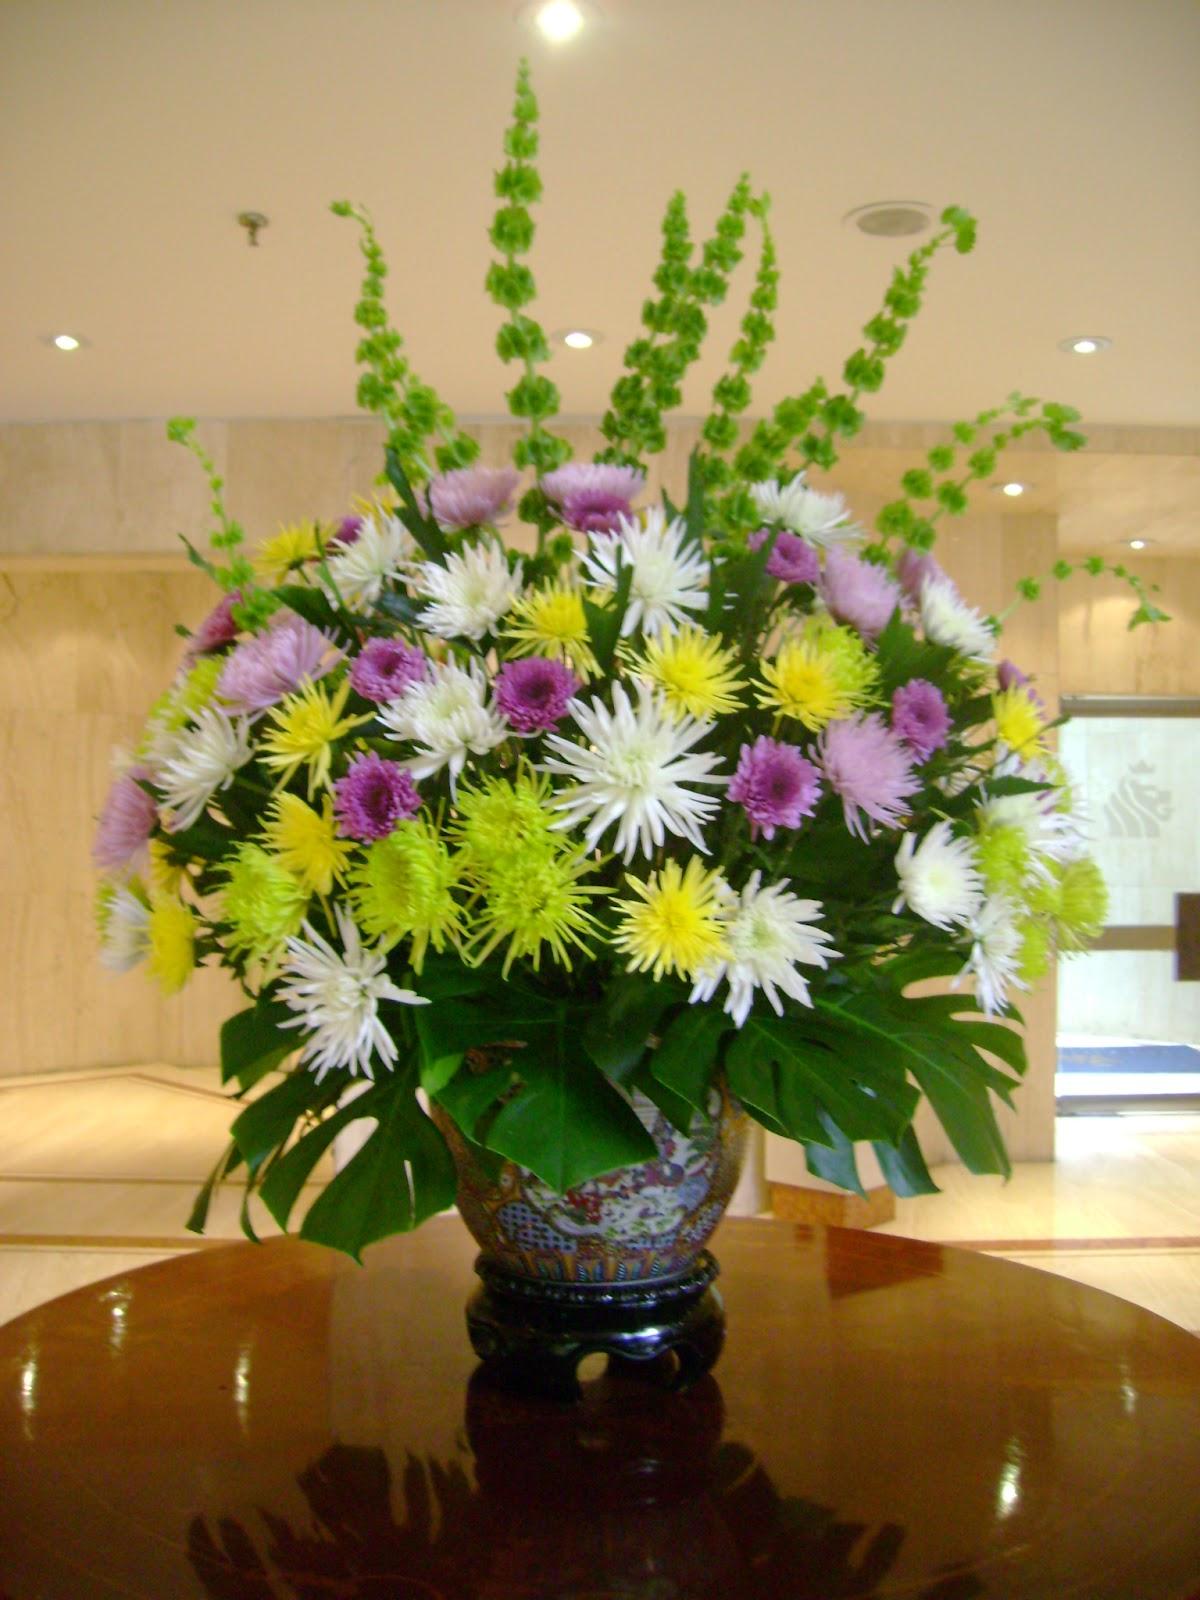 Decoraci n floral aura rosa camacho arreglos flores - Camacho decoracion ...